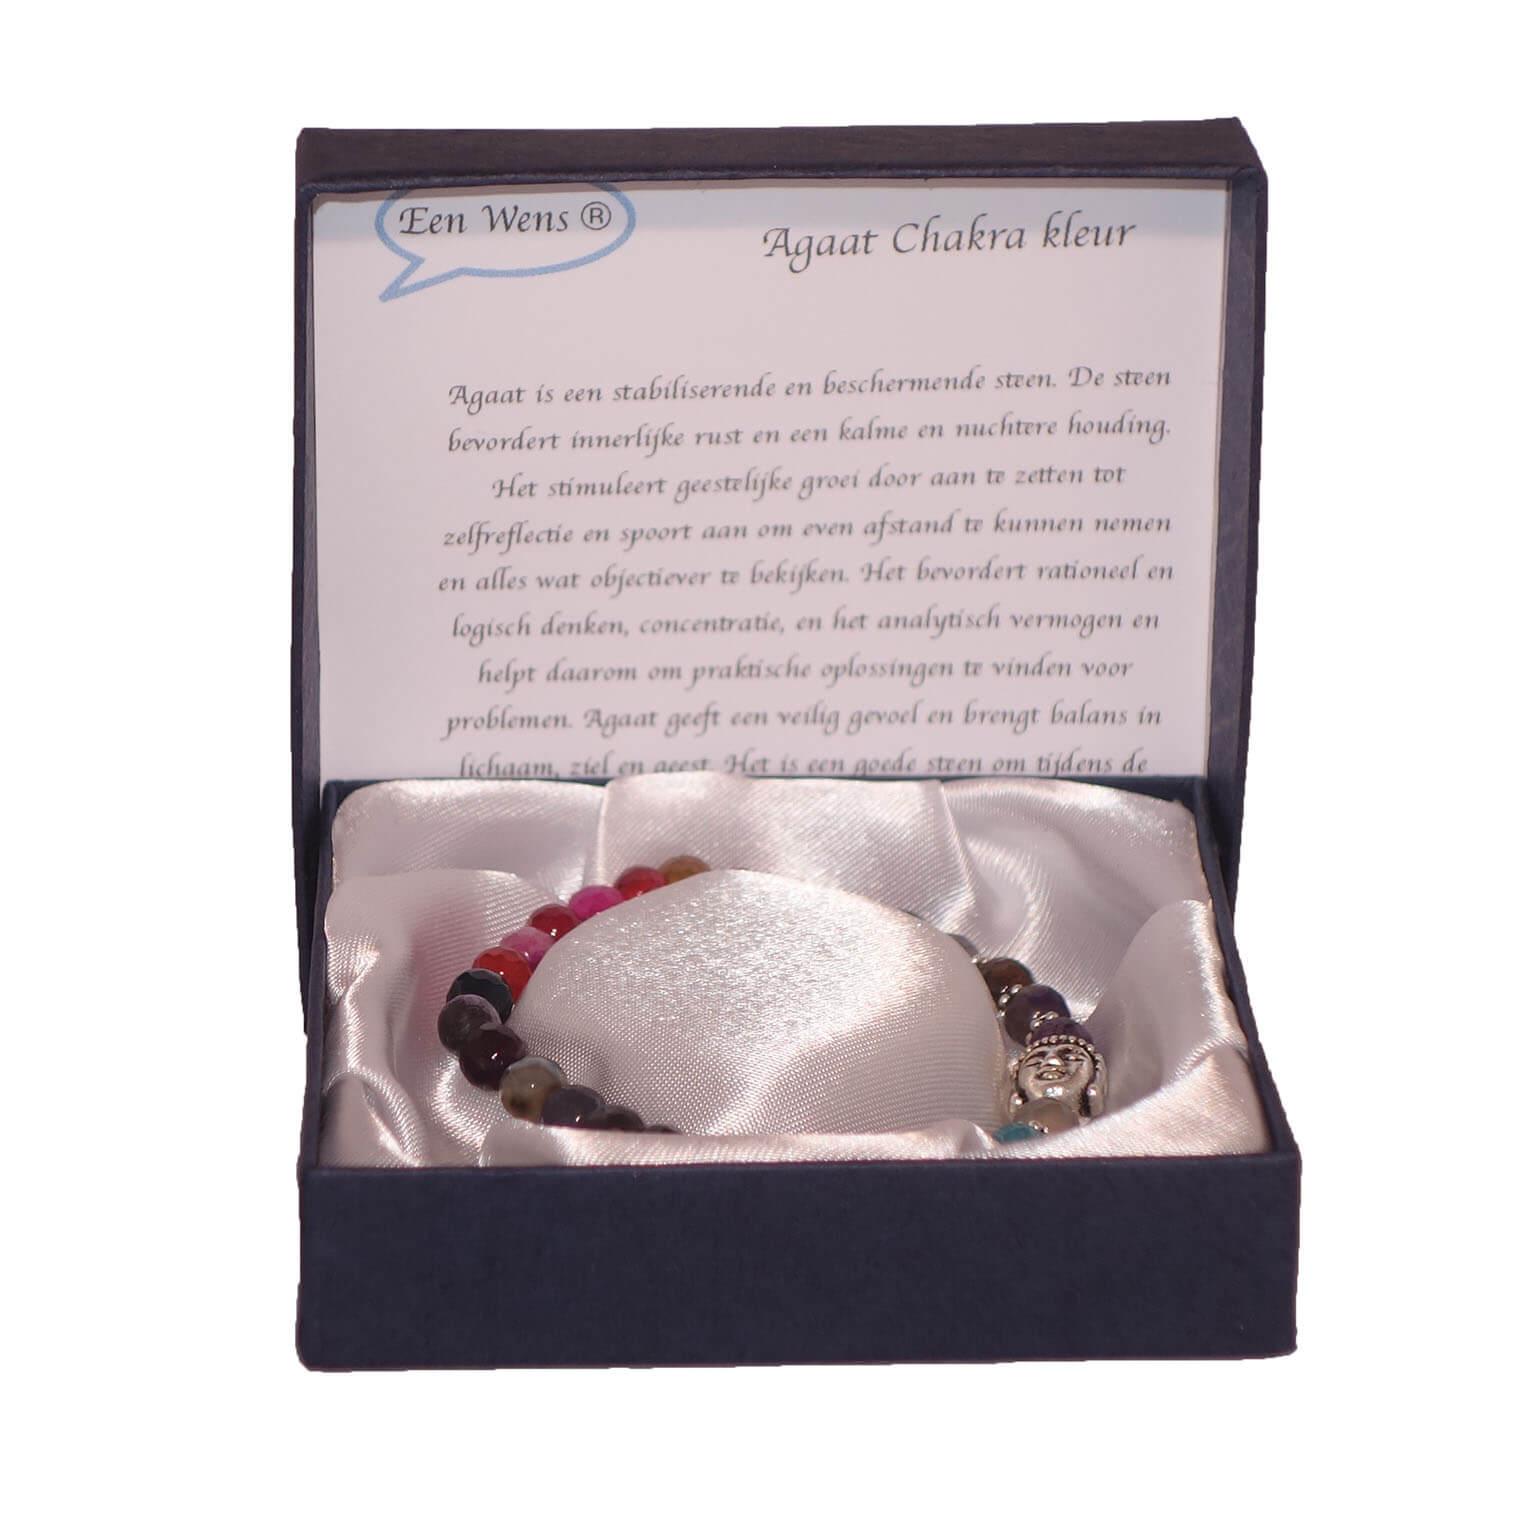 Halfedelstenen Armband in Geschenkdoos Agaat Chakra Kleur-0